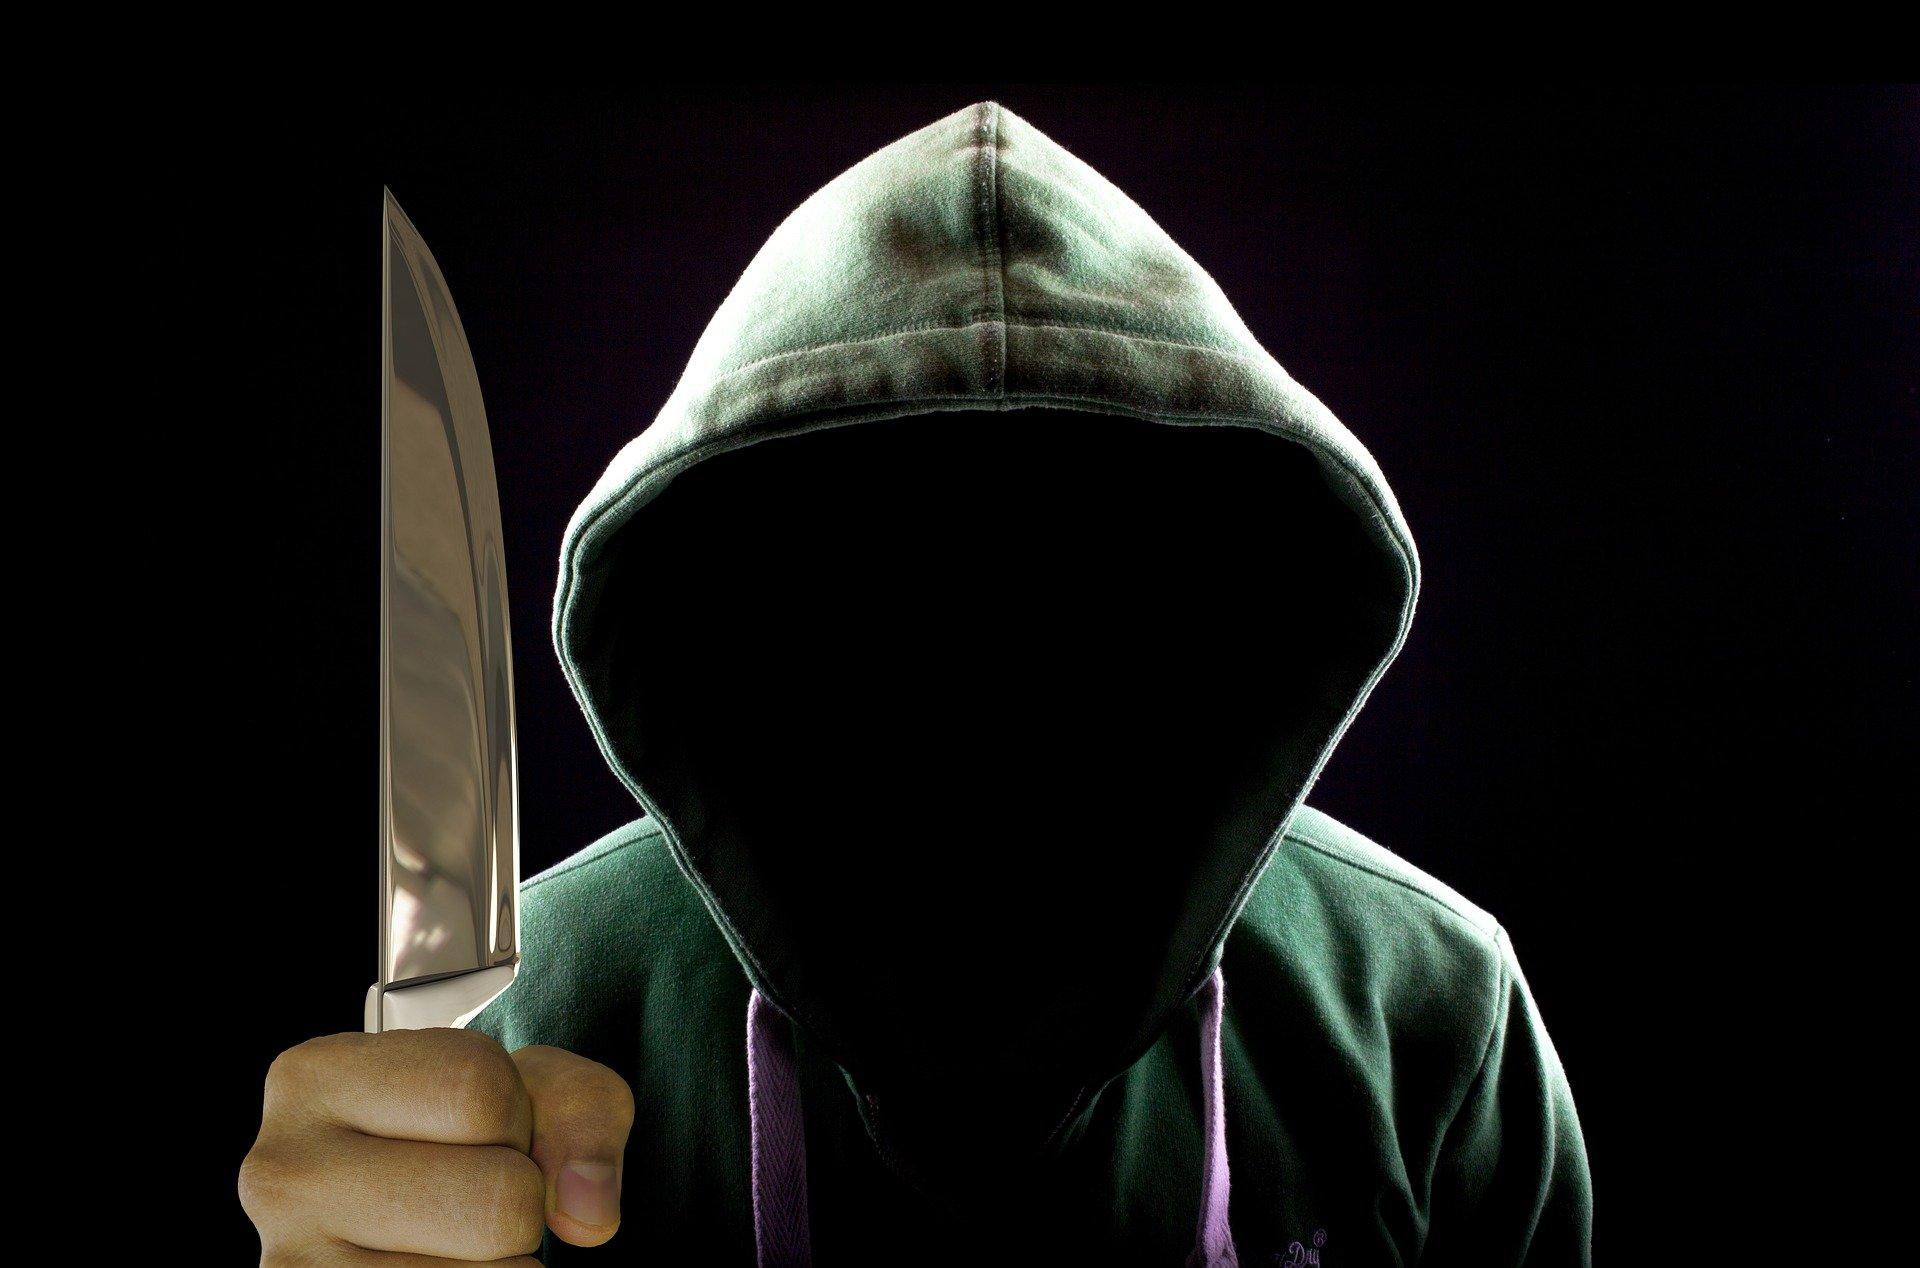 Postać w kapturze trzymająca nóż - atak na urząd